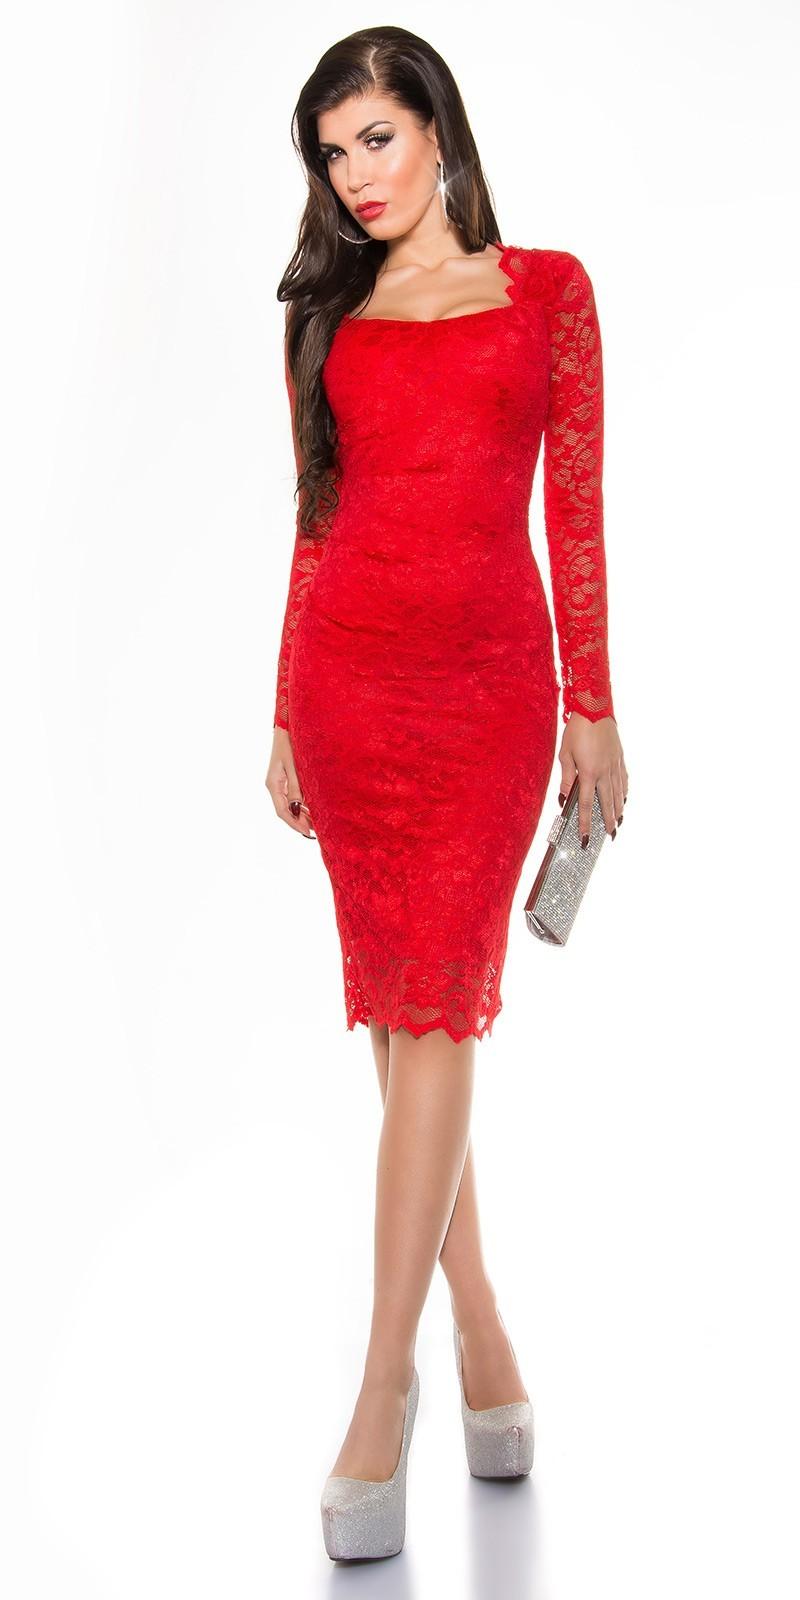 Čipkované šaty s dlhým rukávom Red – Sissy Boutique ab2ab7ebe67